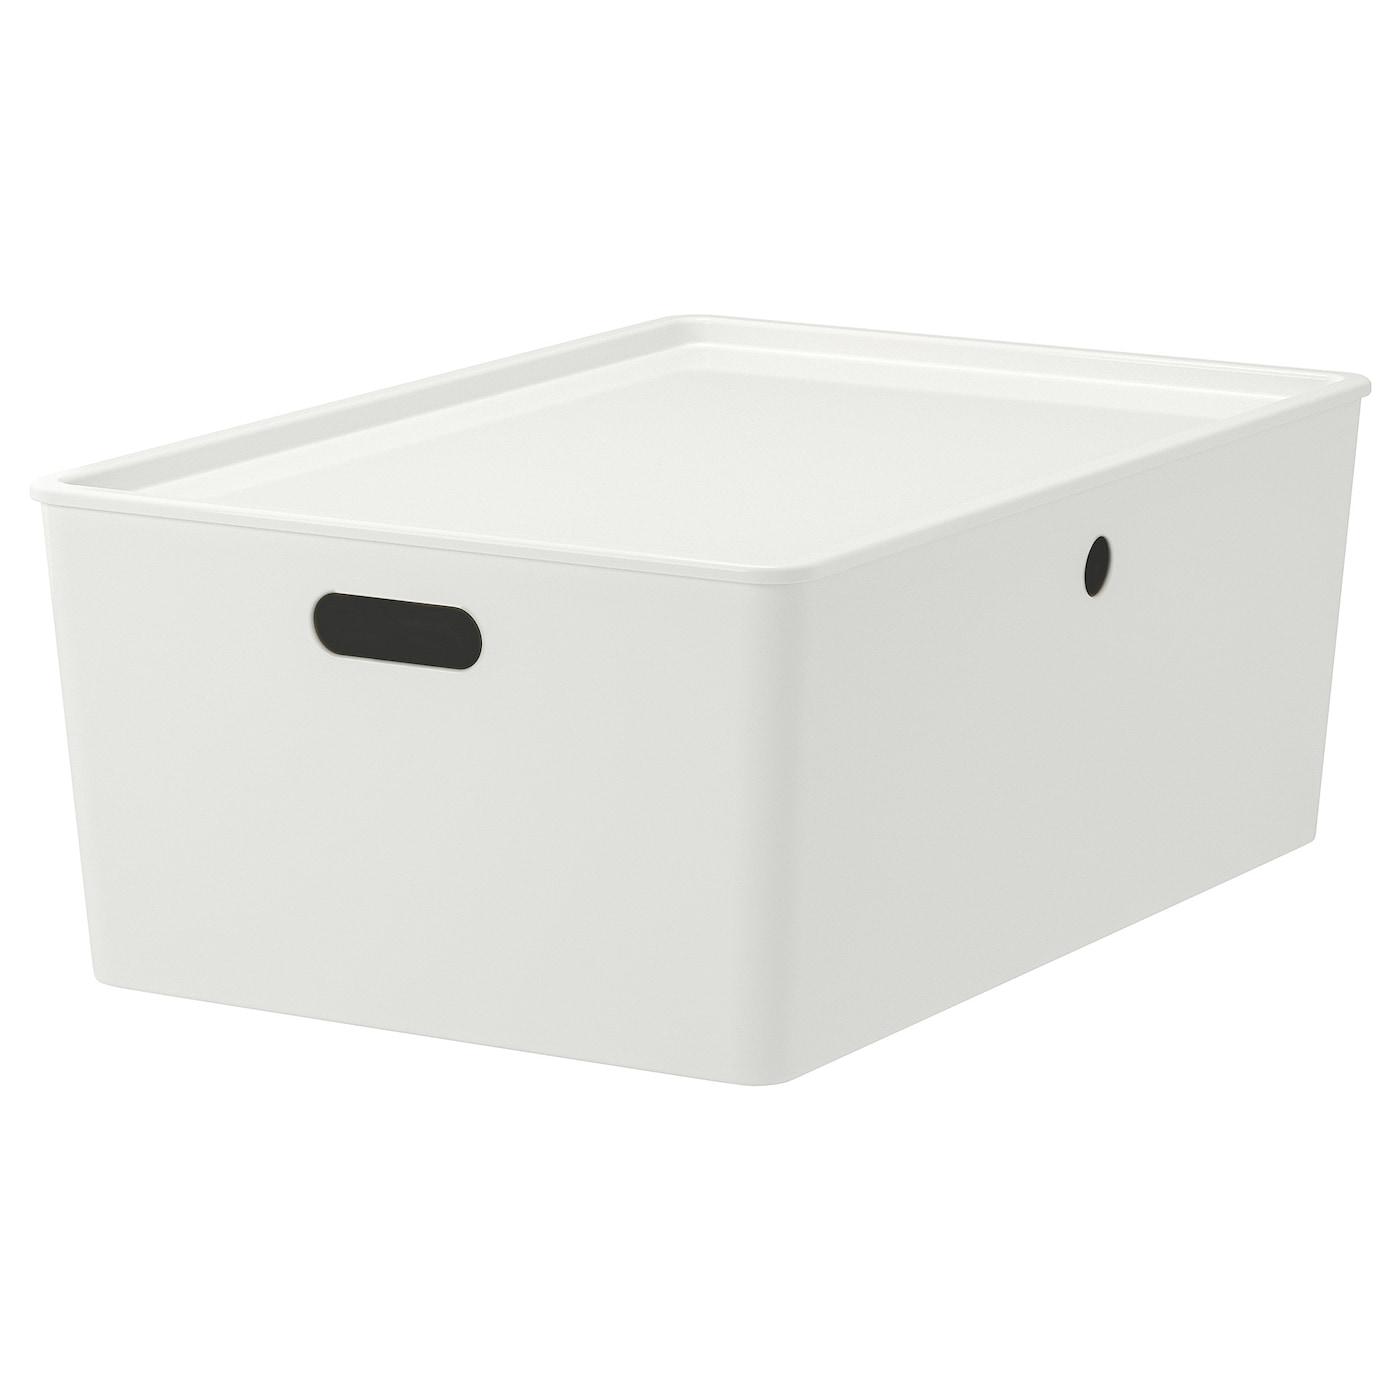 IKEA KUGGIS Box mit Deckel – 54 x 37 x 21 cm